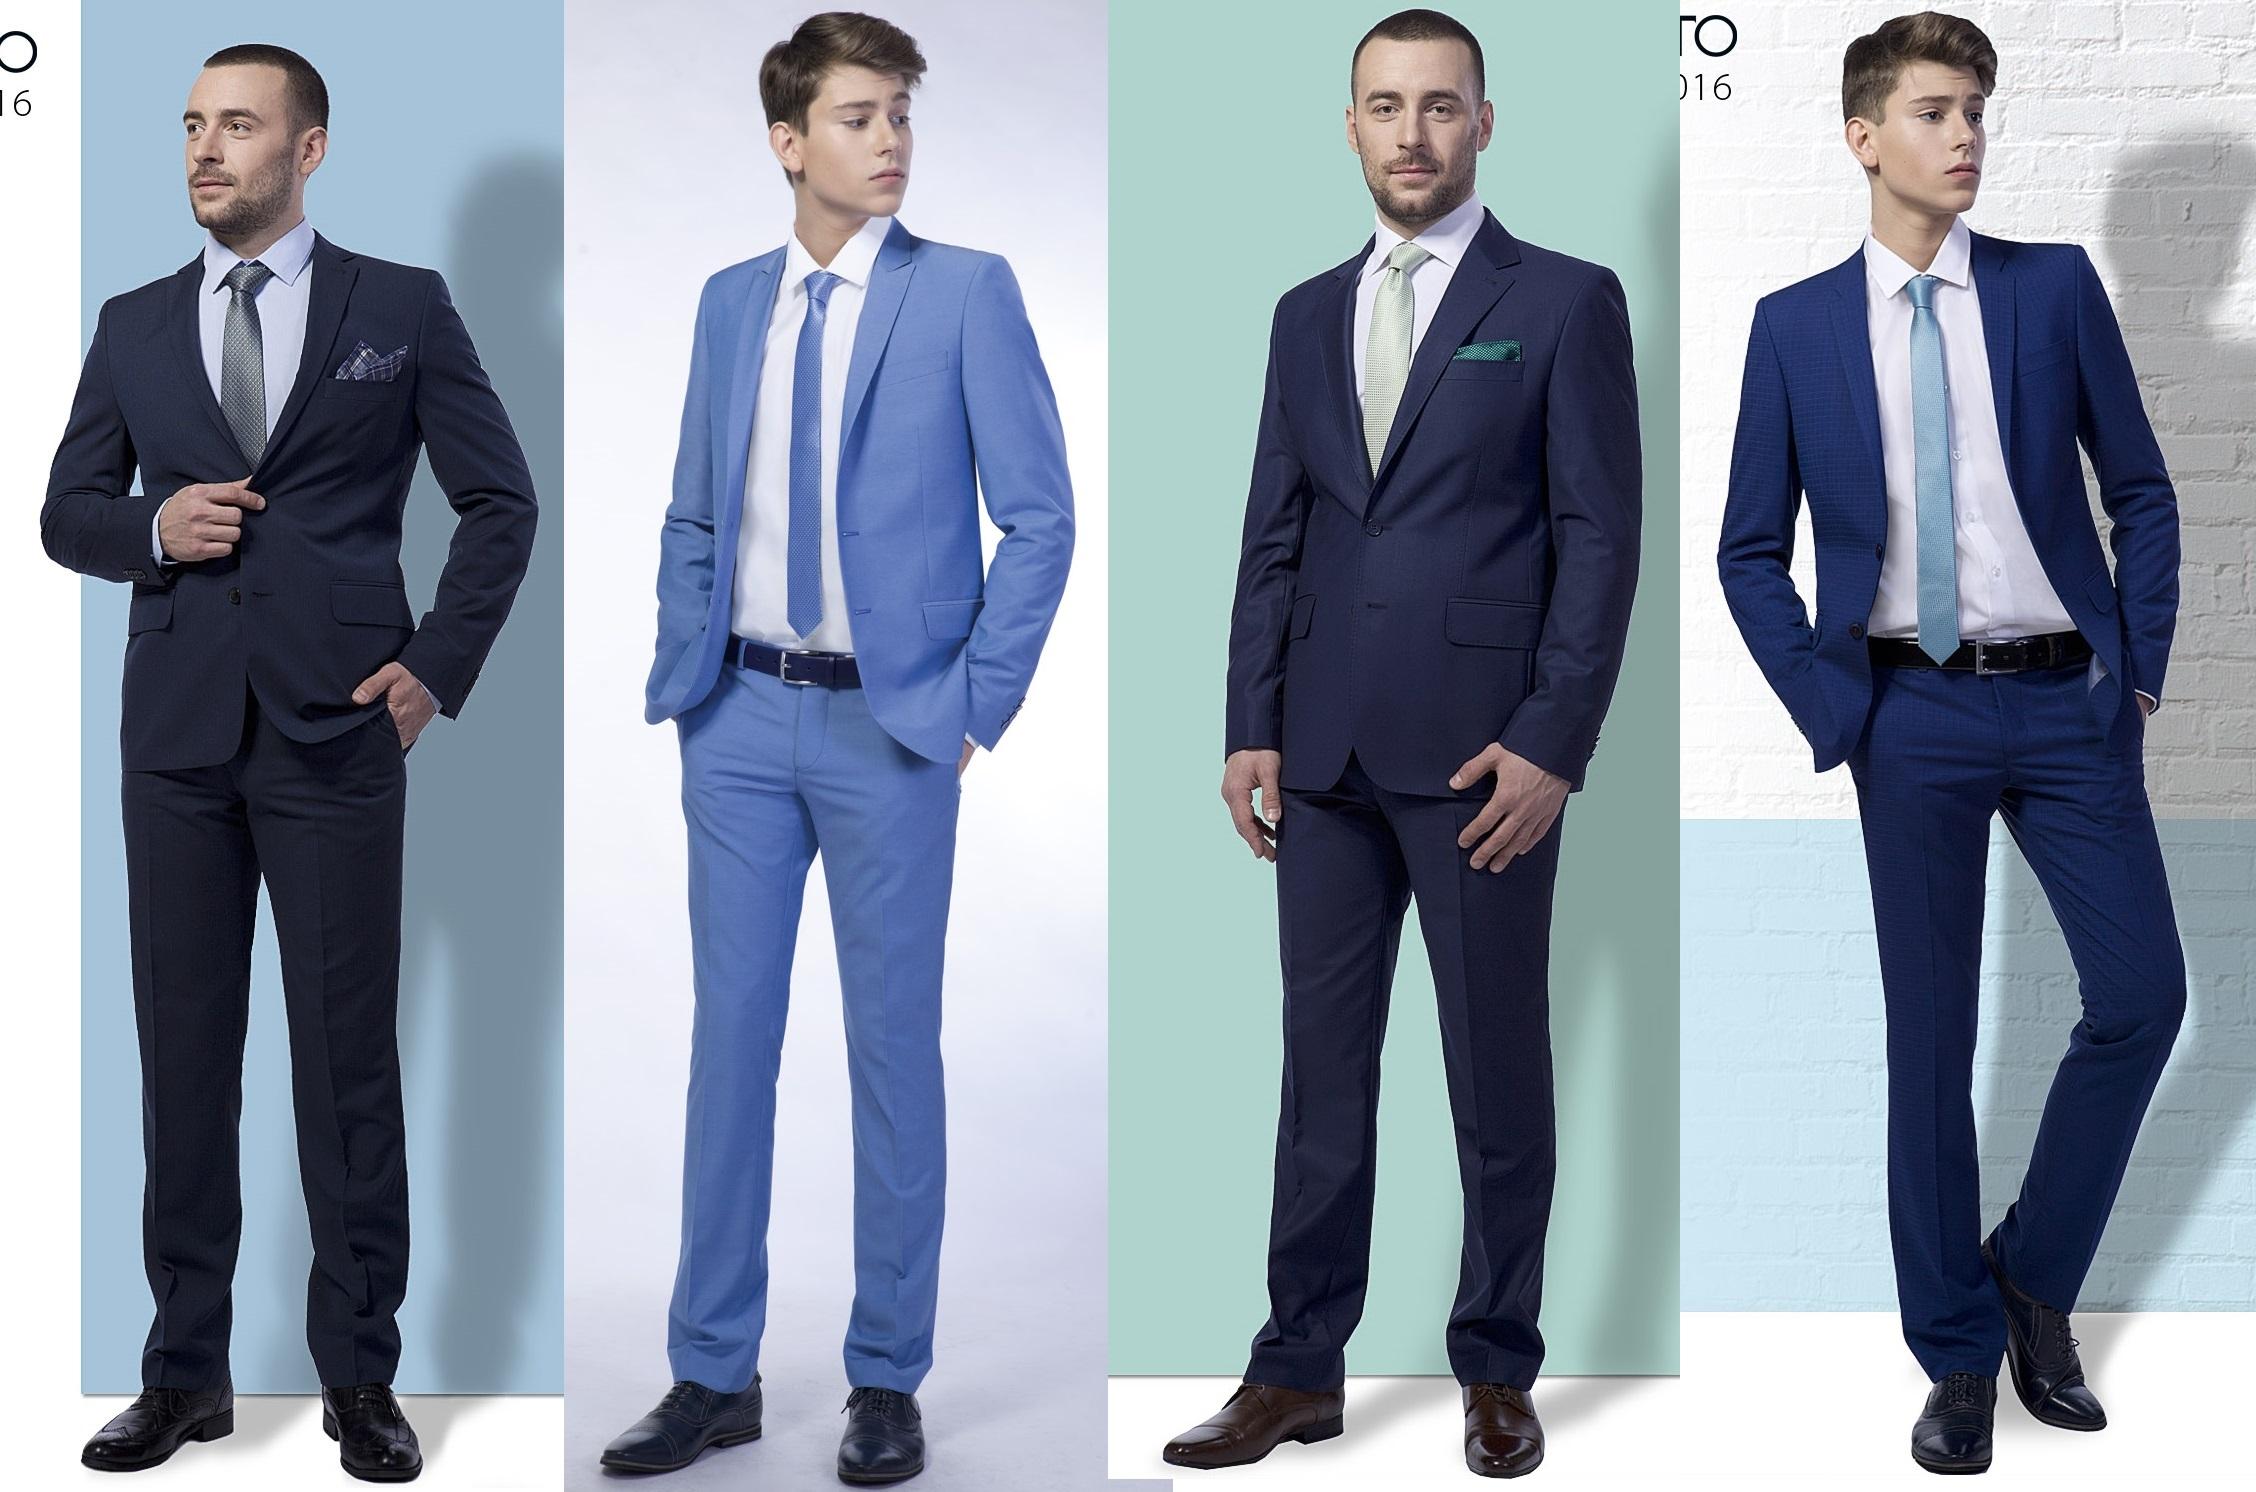 Одежда для настоящих мужчин - 29. Костюмы, пиджаки, брюки, сорочки, галстуки... От 44 до 76 размера.